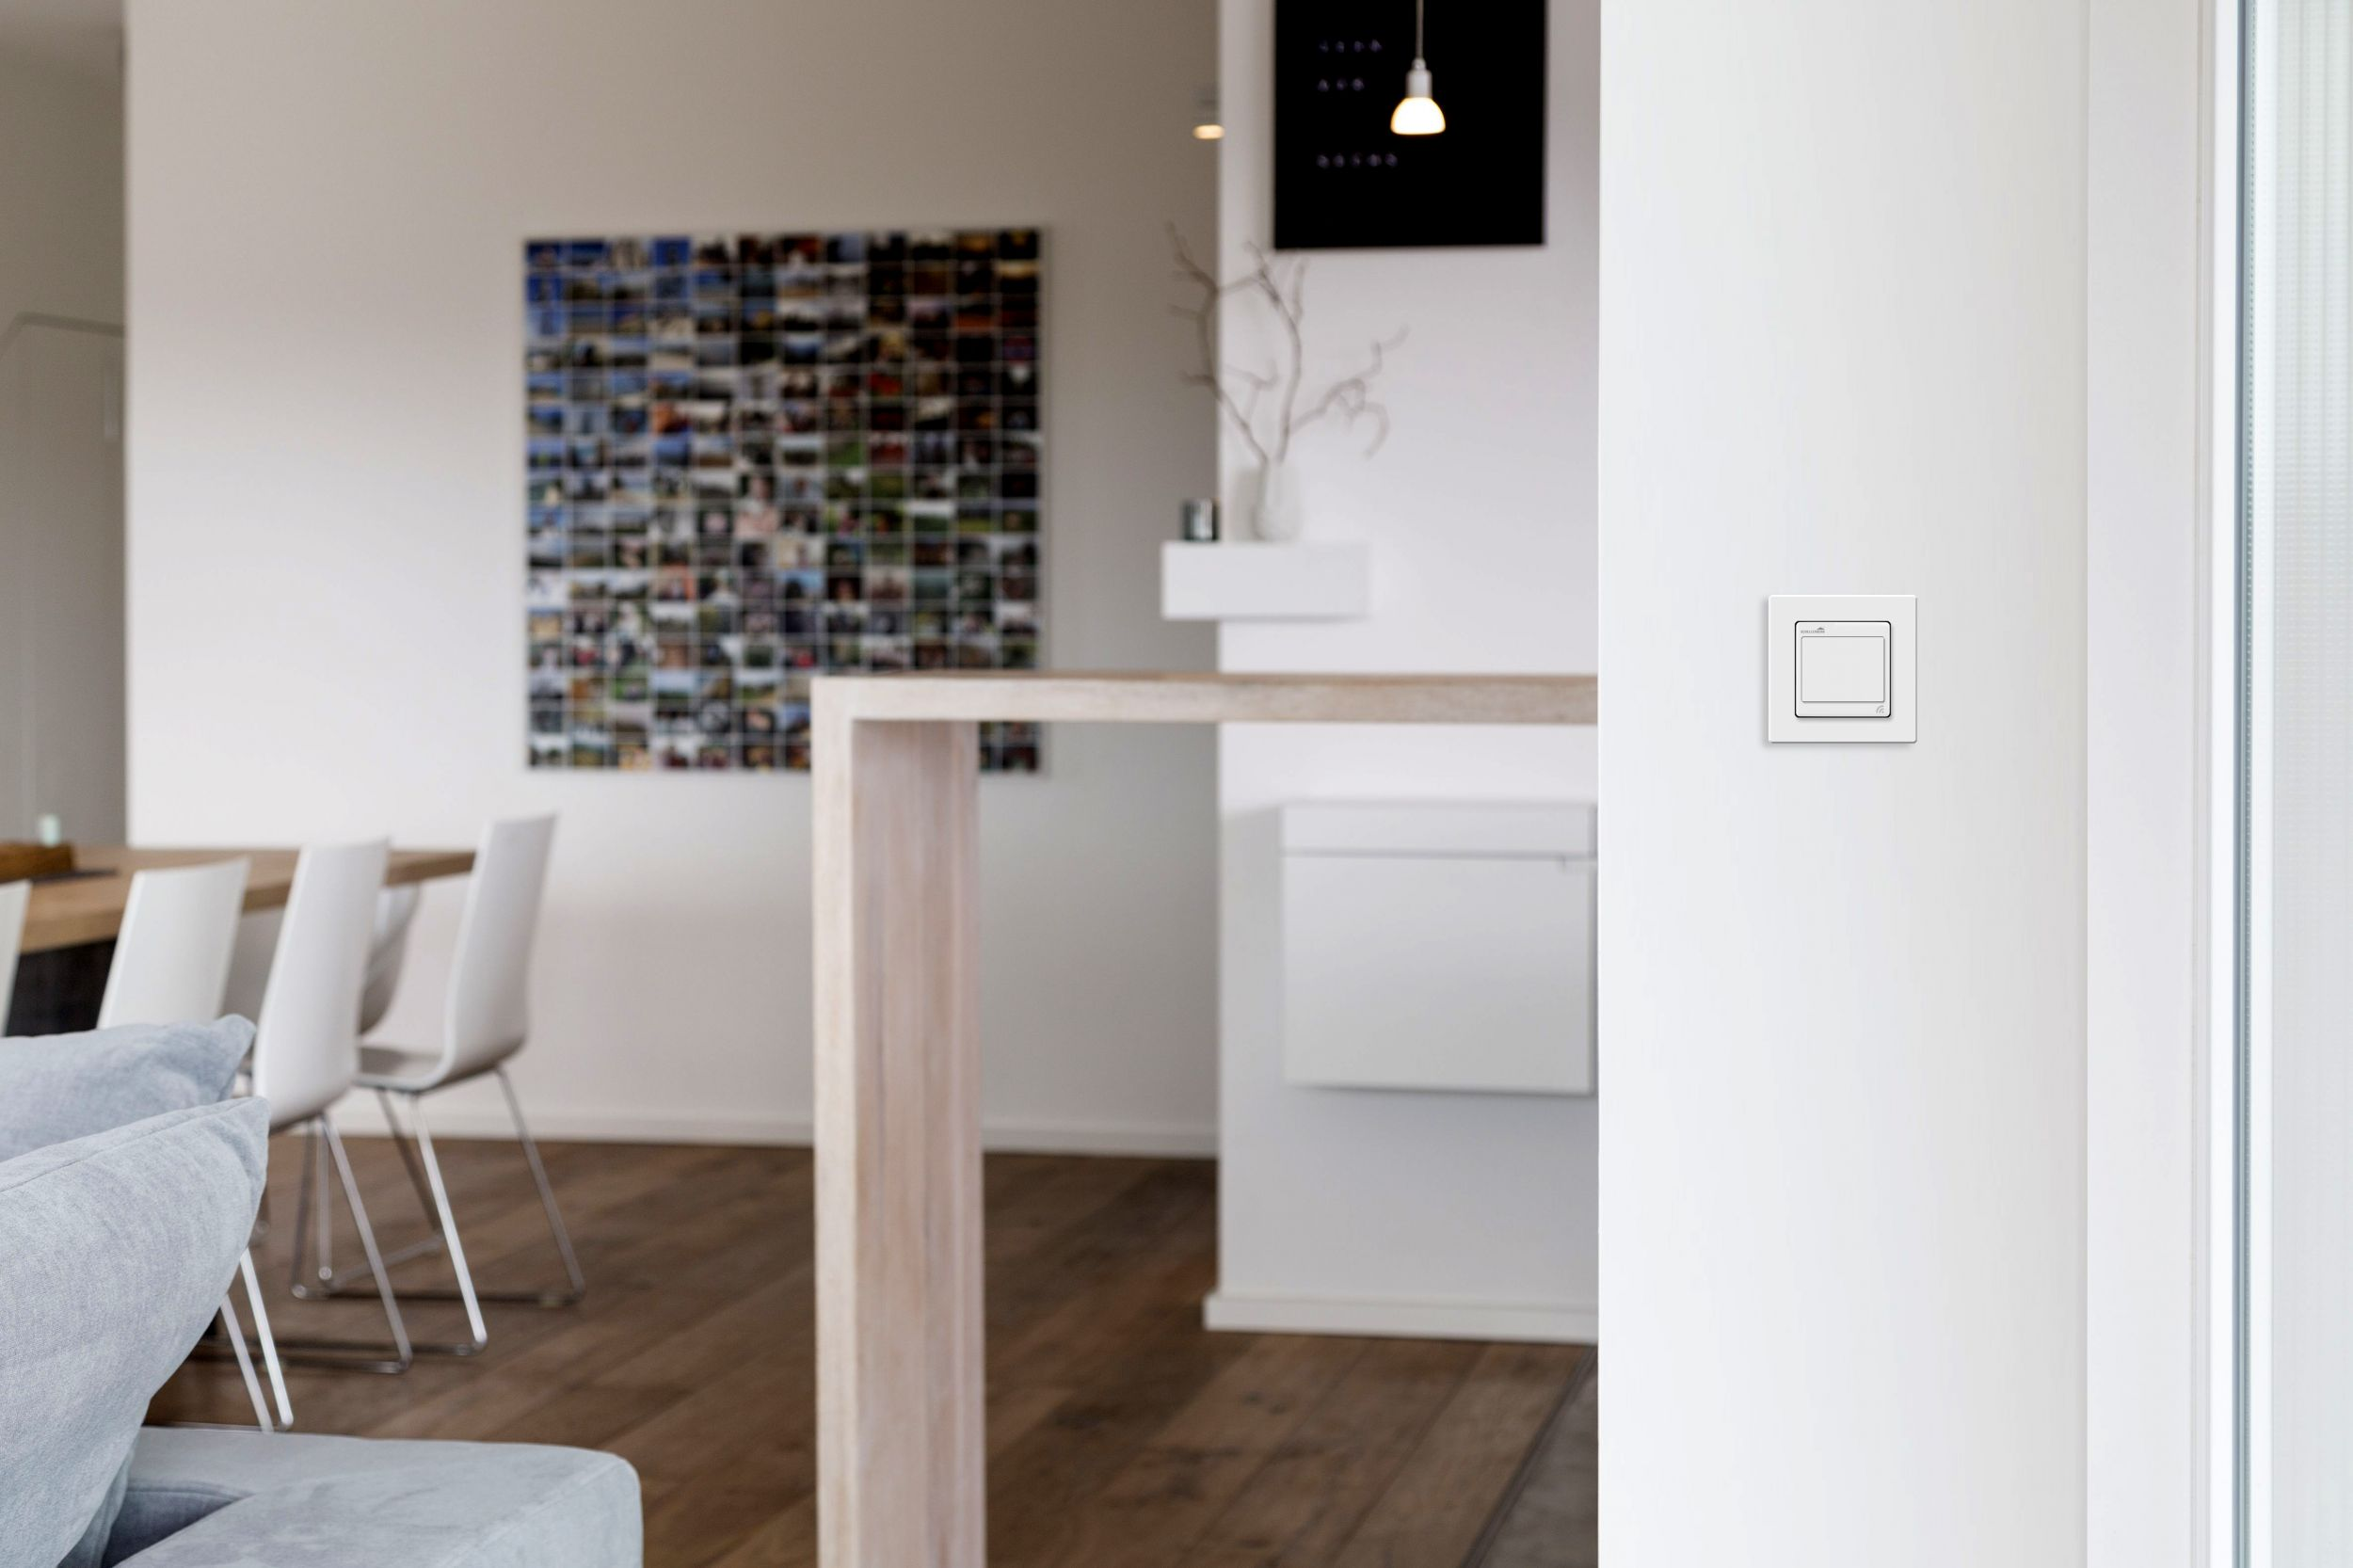 web_124754_2-Smart_Home_Losungen_Lichtsteuerun_20170215105930 Spannende Lampen Per App Steuern Dekorationen